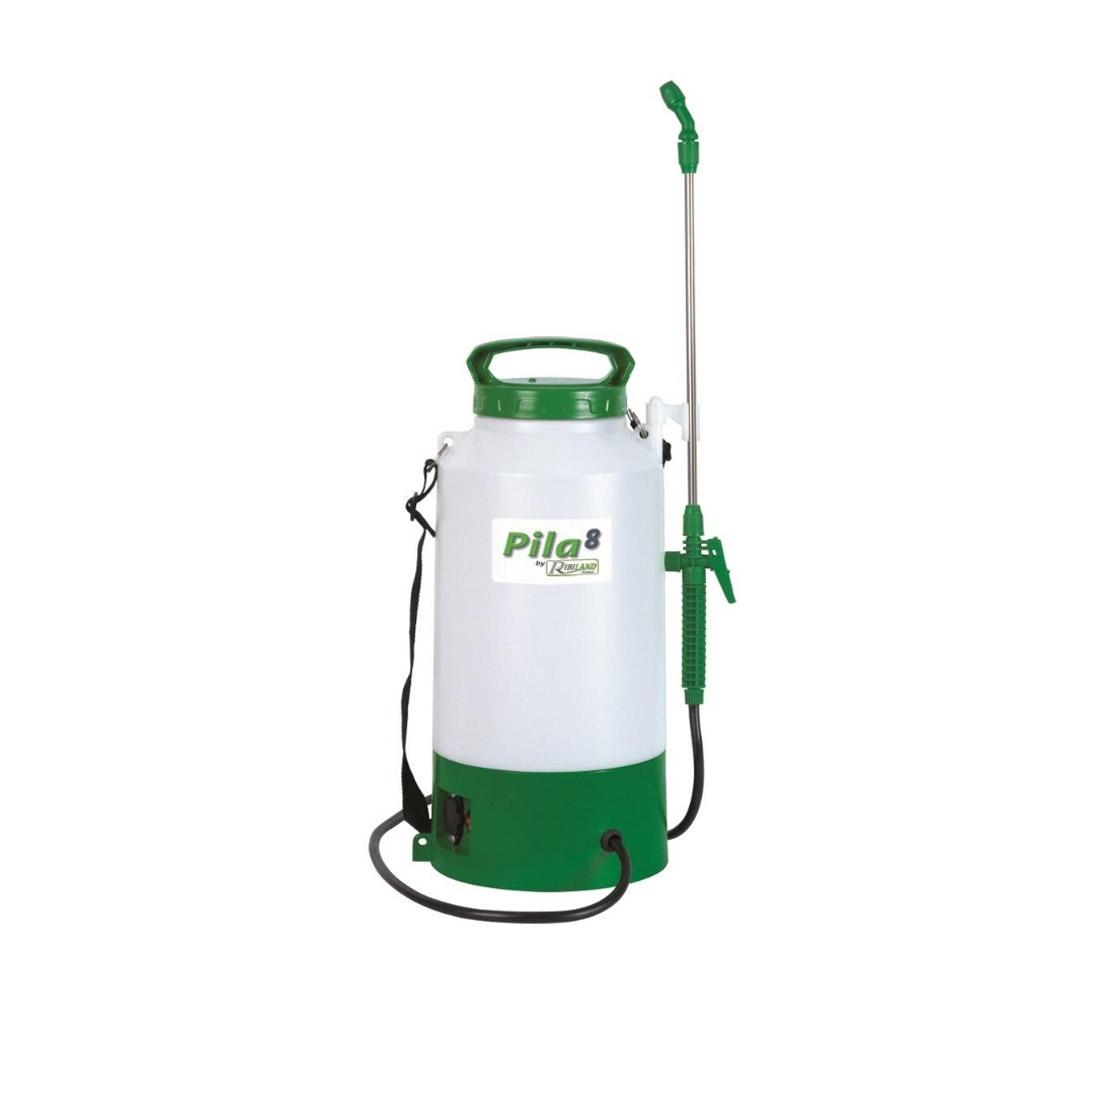 Ribimex Pila 8 Cordless Nebulizers